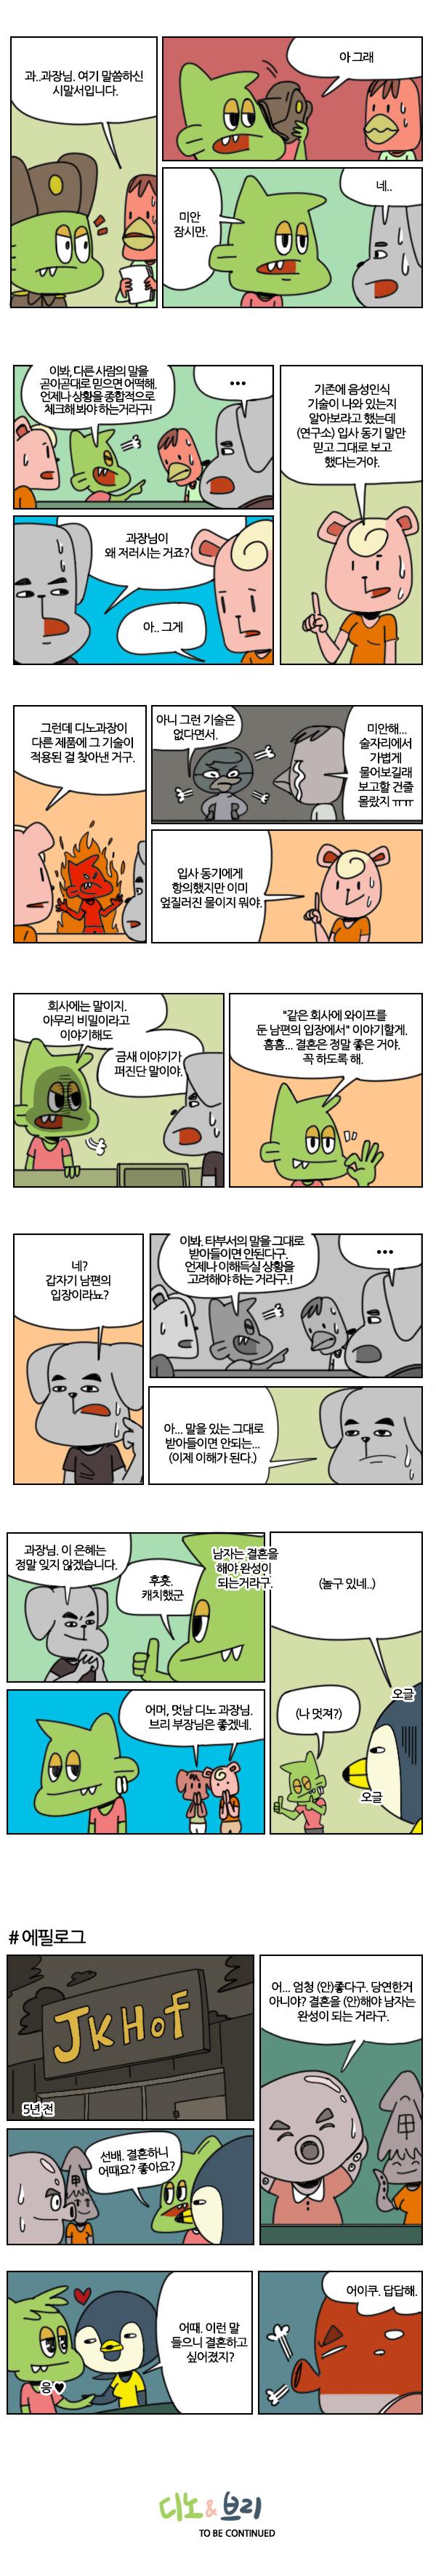 9_2차 수정2